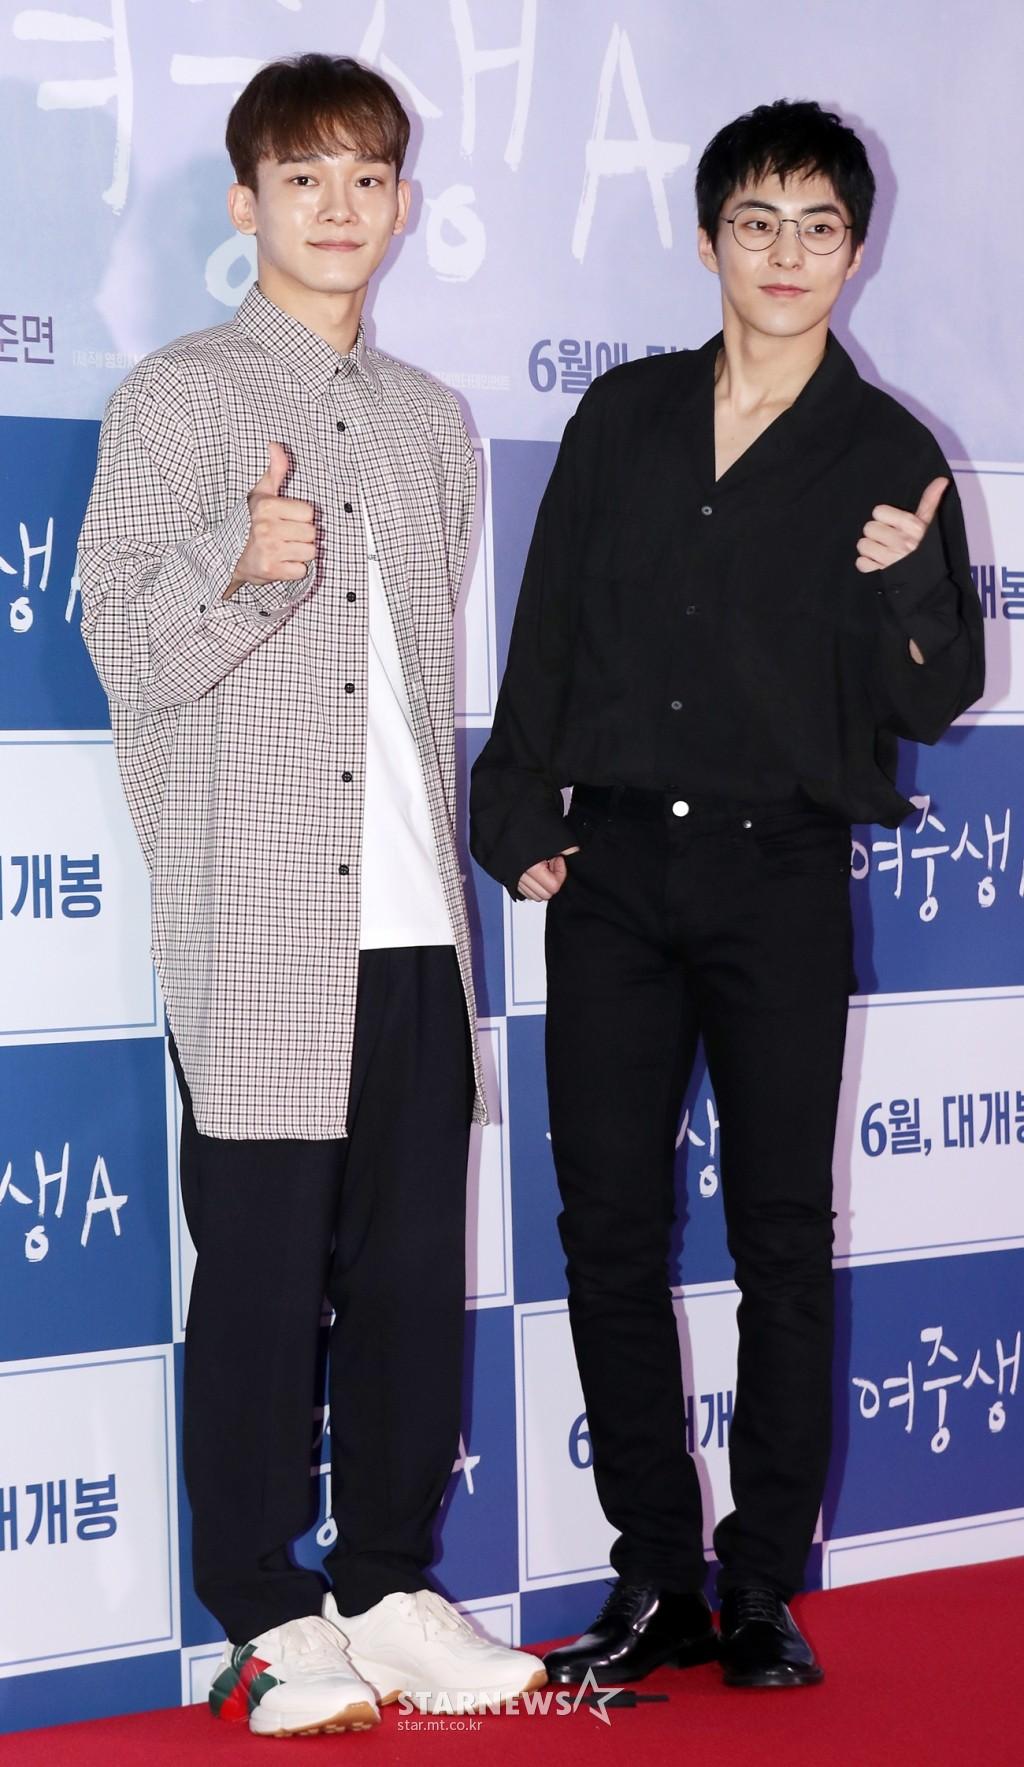 """Sự kiện gây sốt nhờ dàn sao nhí """"lột xác"""": Mỹ nam Vườn sao băng đọ với EXO, spotlight lại thuộc về mỹ nhân nóng bỏng - Ảnh 14."""